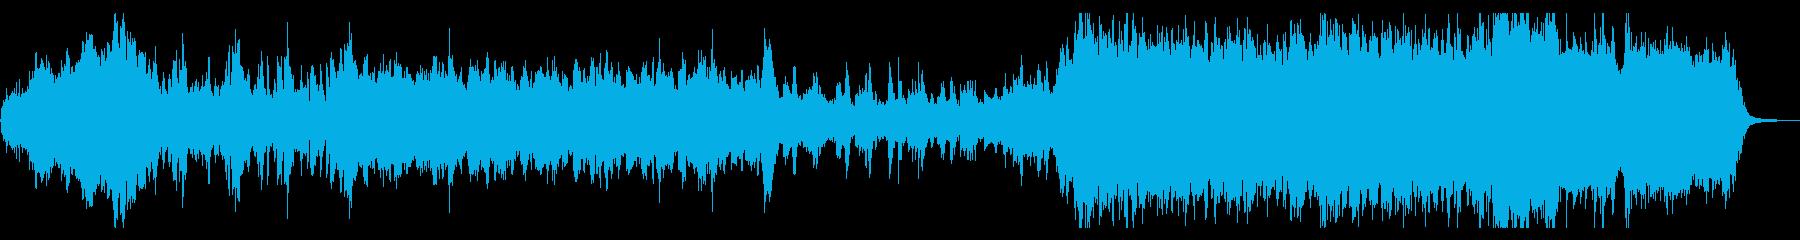 明るいオーケストラ・冒険・挑戦の再生済みの波形